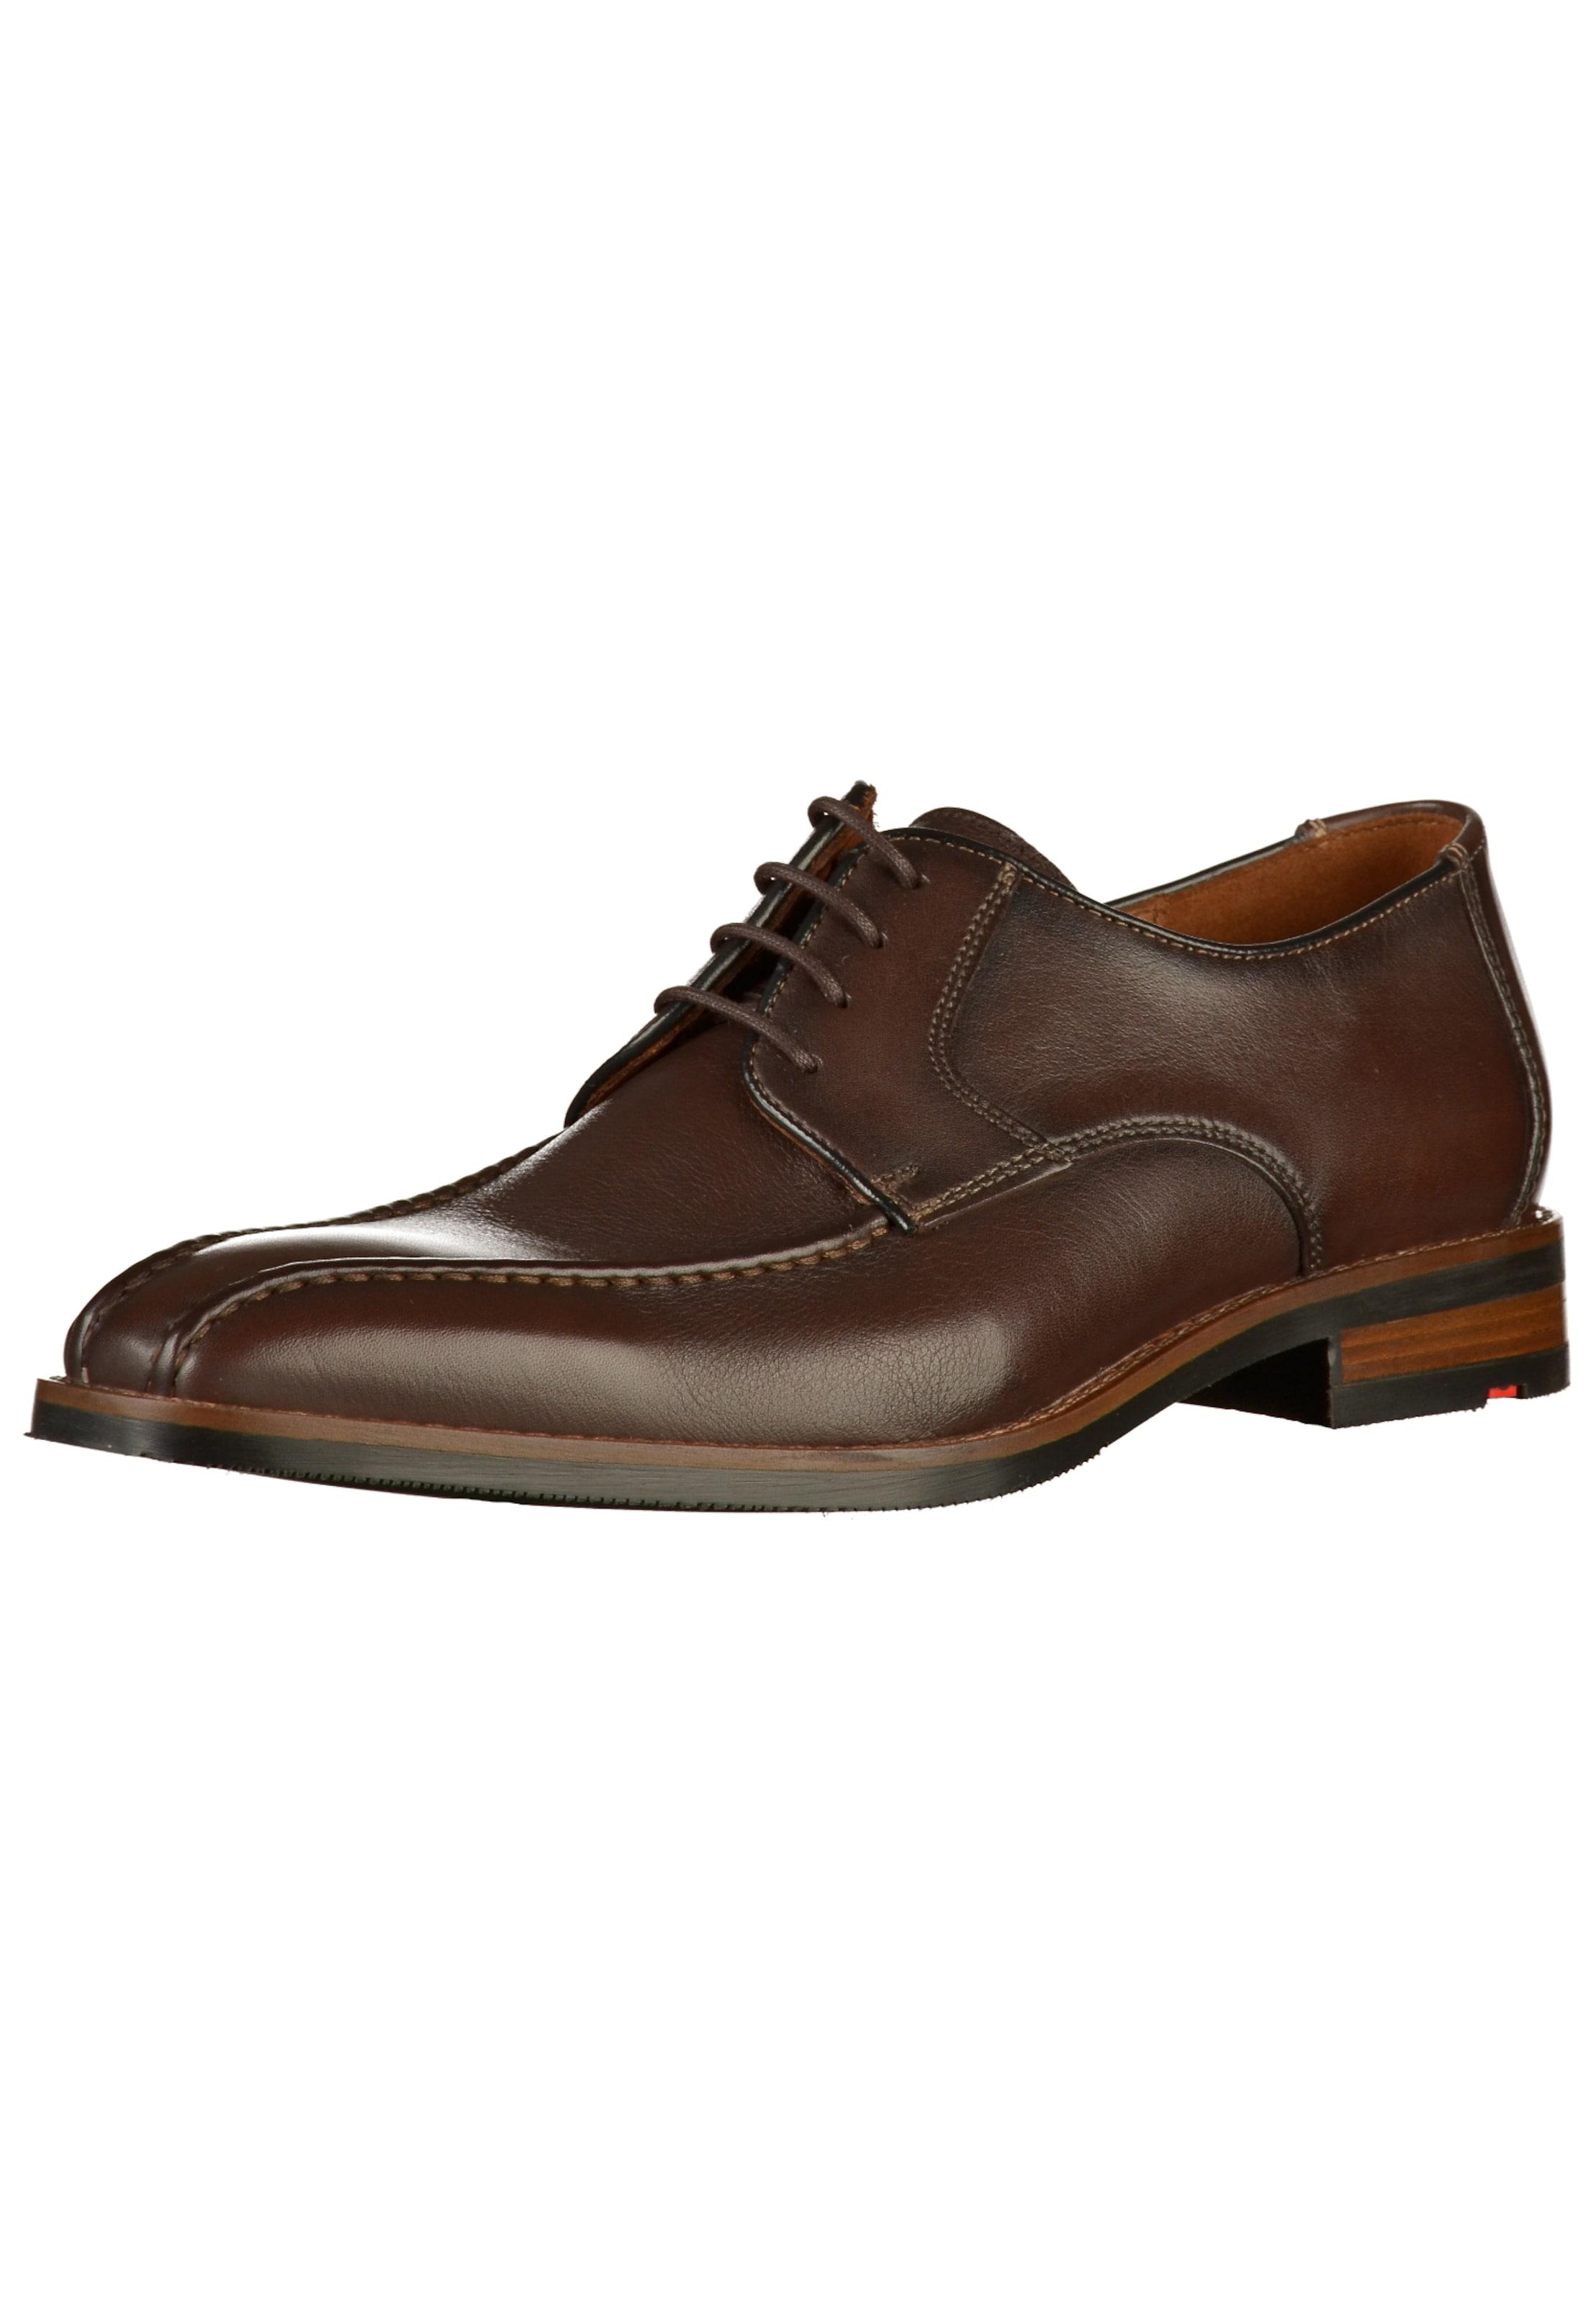 LLOYD Schuhe Verschleißfeste billige Schuhe Hohe Qualität